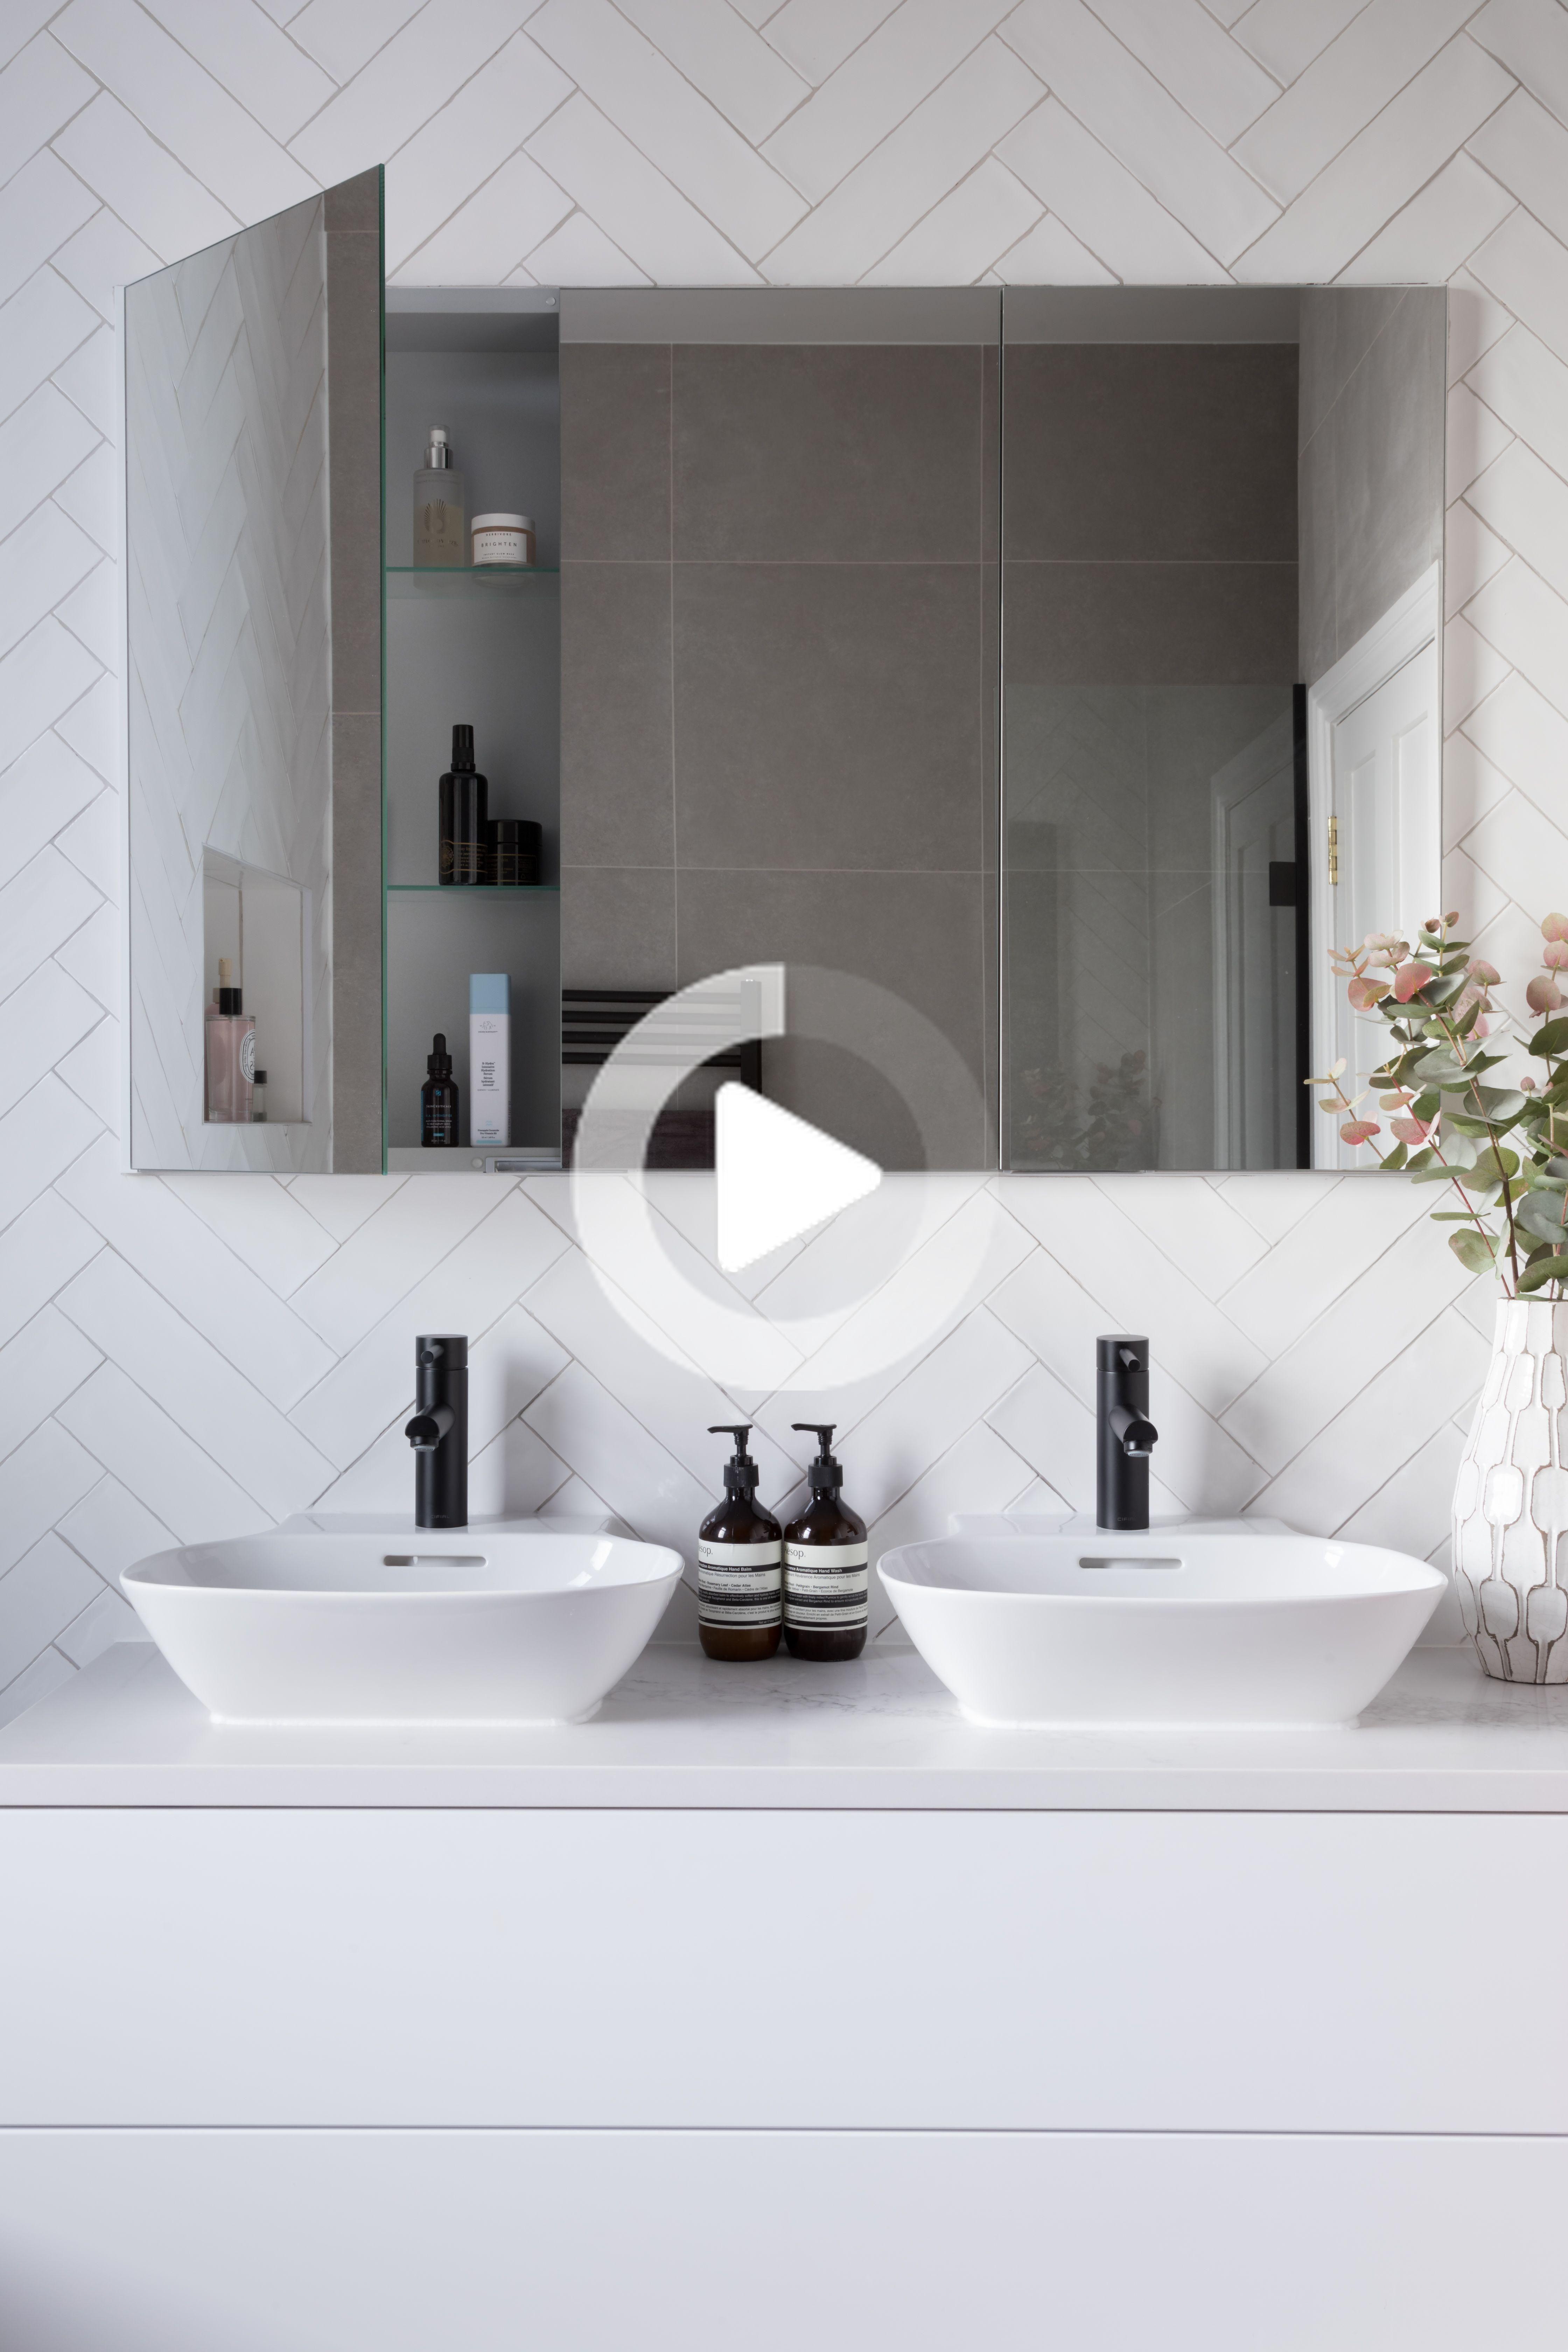 meuble de salle de bain miroir stockage de produits armoire de toilette meuble de salle de bain salle de bain